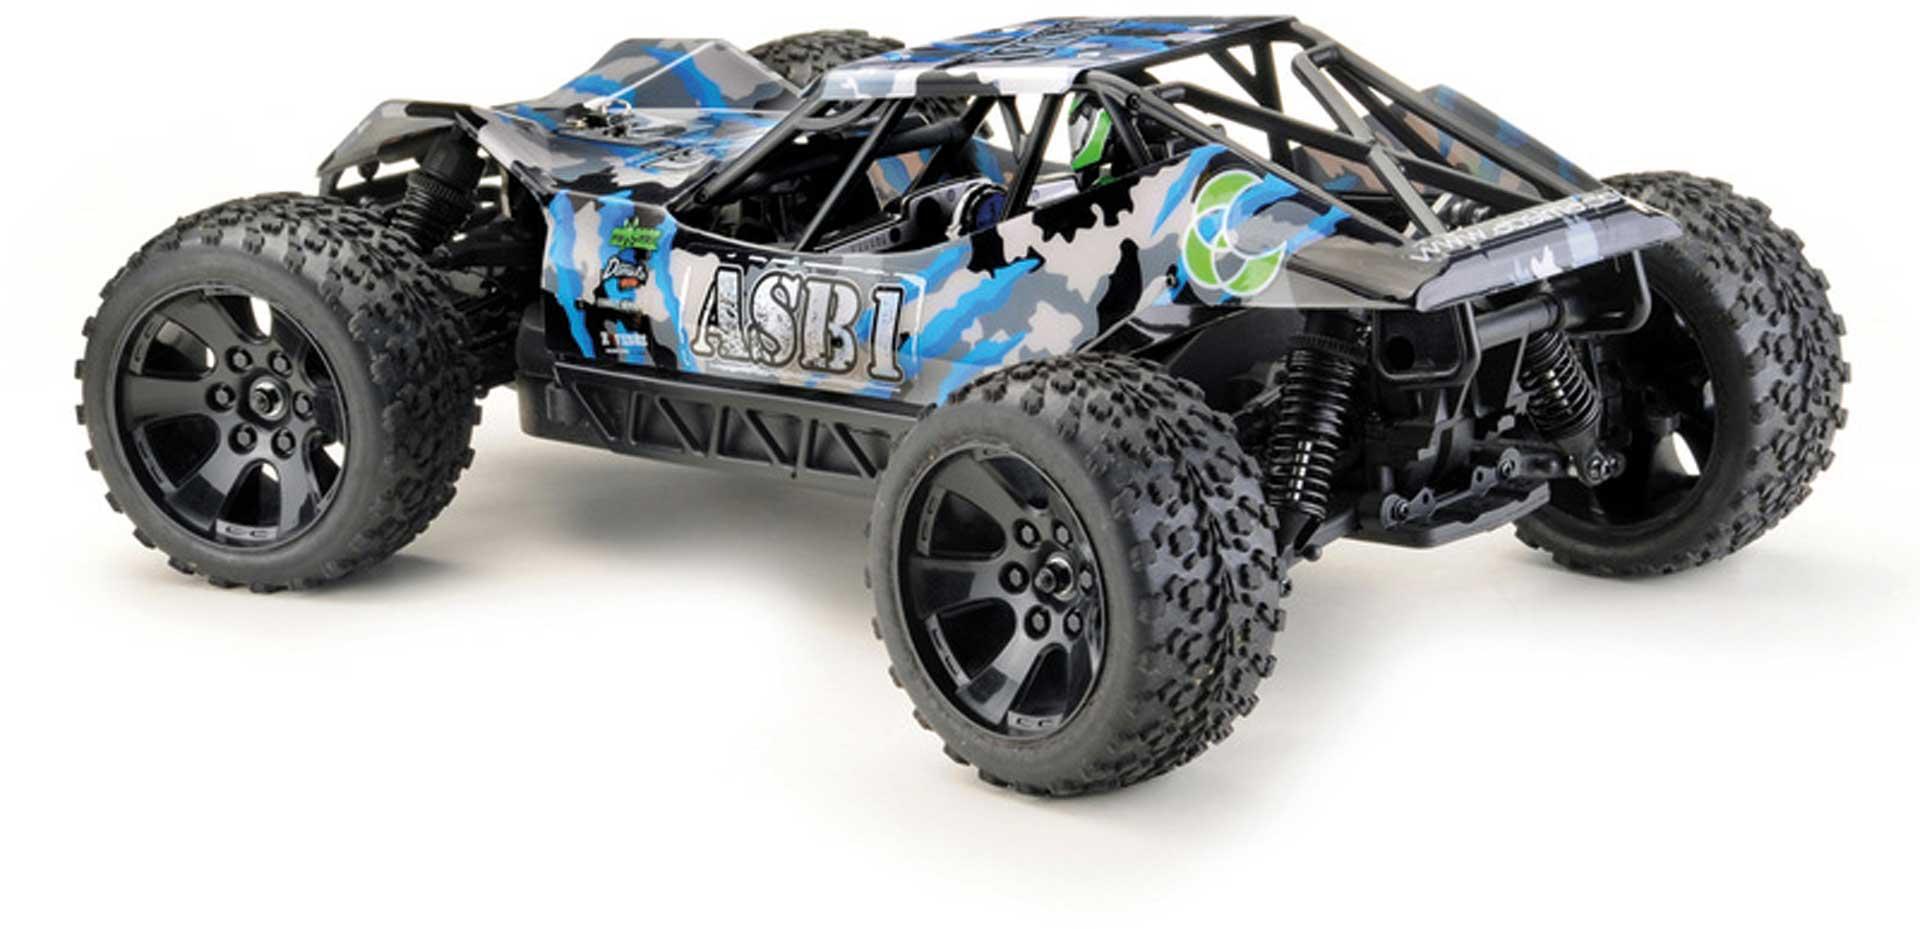 Absima Sand Buggy ASB1 CAMOUFLAGE-BLAU 1/10 4WD RTR Waterproof (inkl. Akku & Lader)